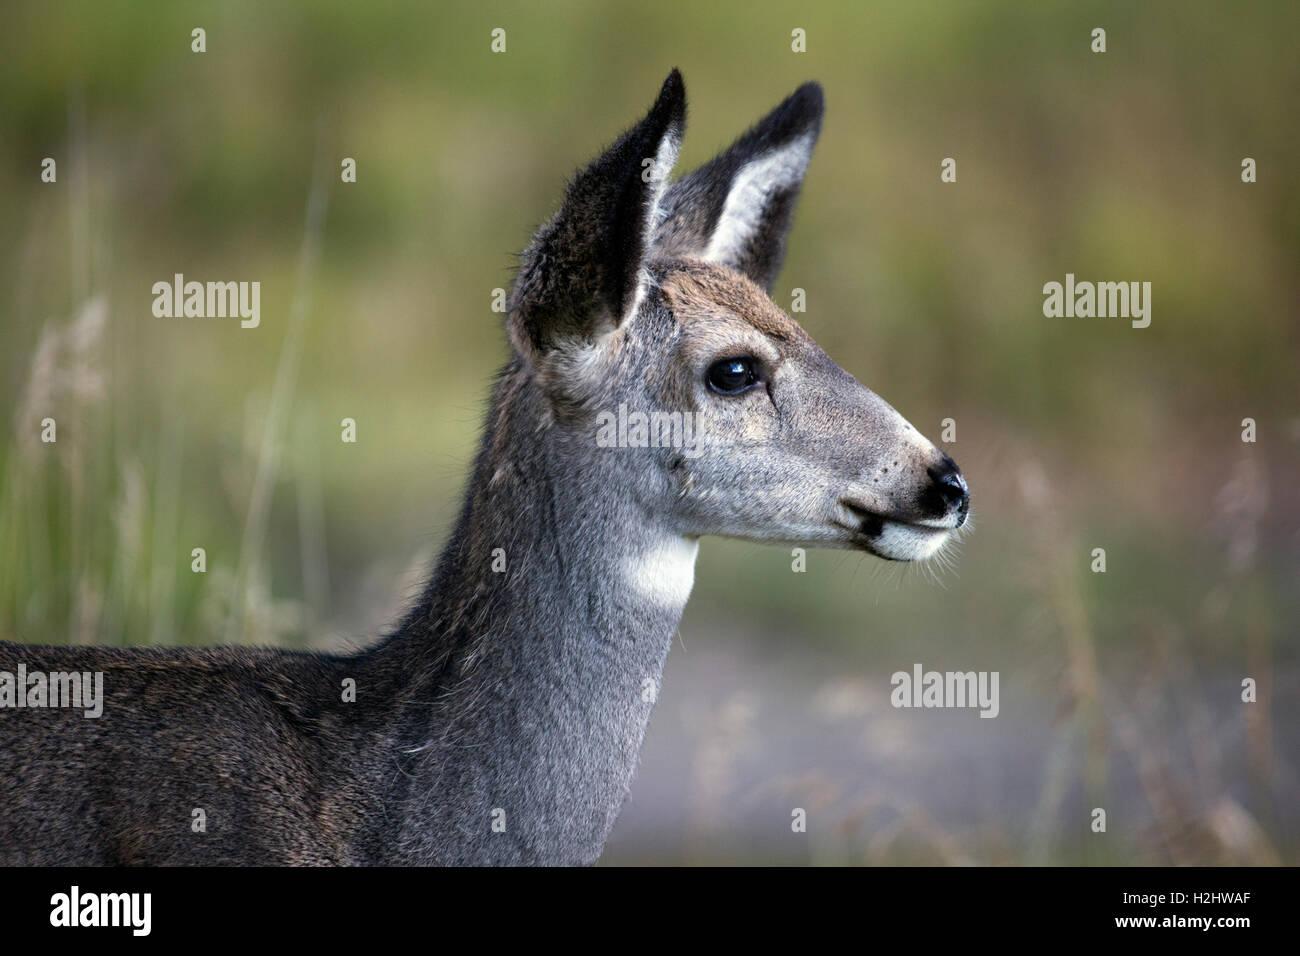 Le cerf mulet (Odocoileus hemionus) dans sanctuaire urbain Photo Stock